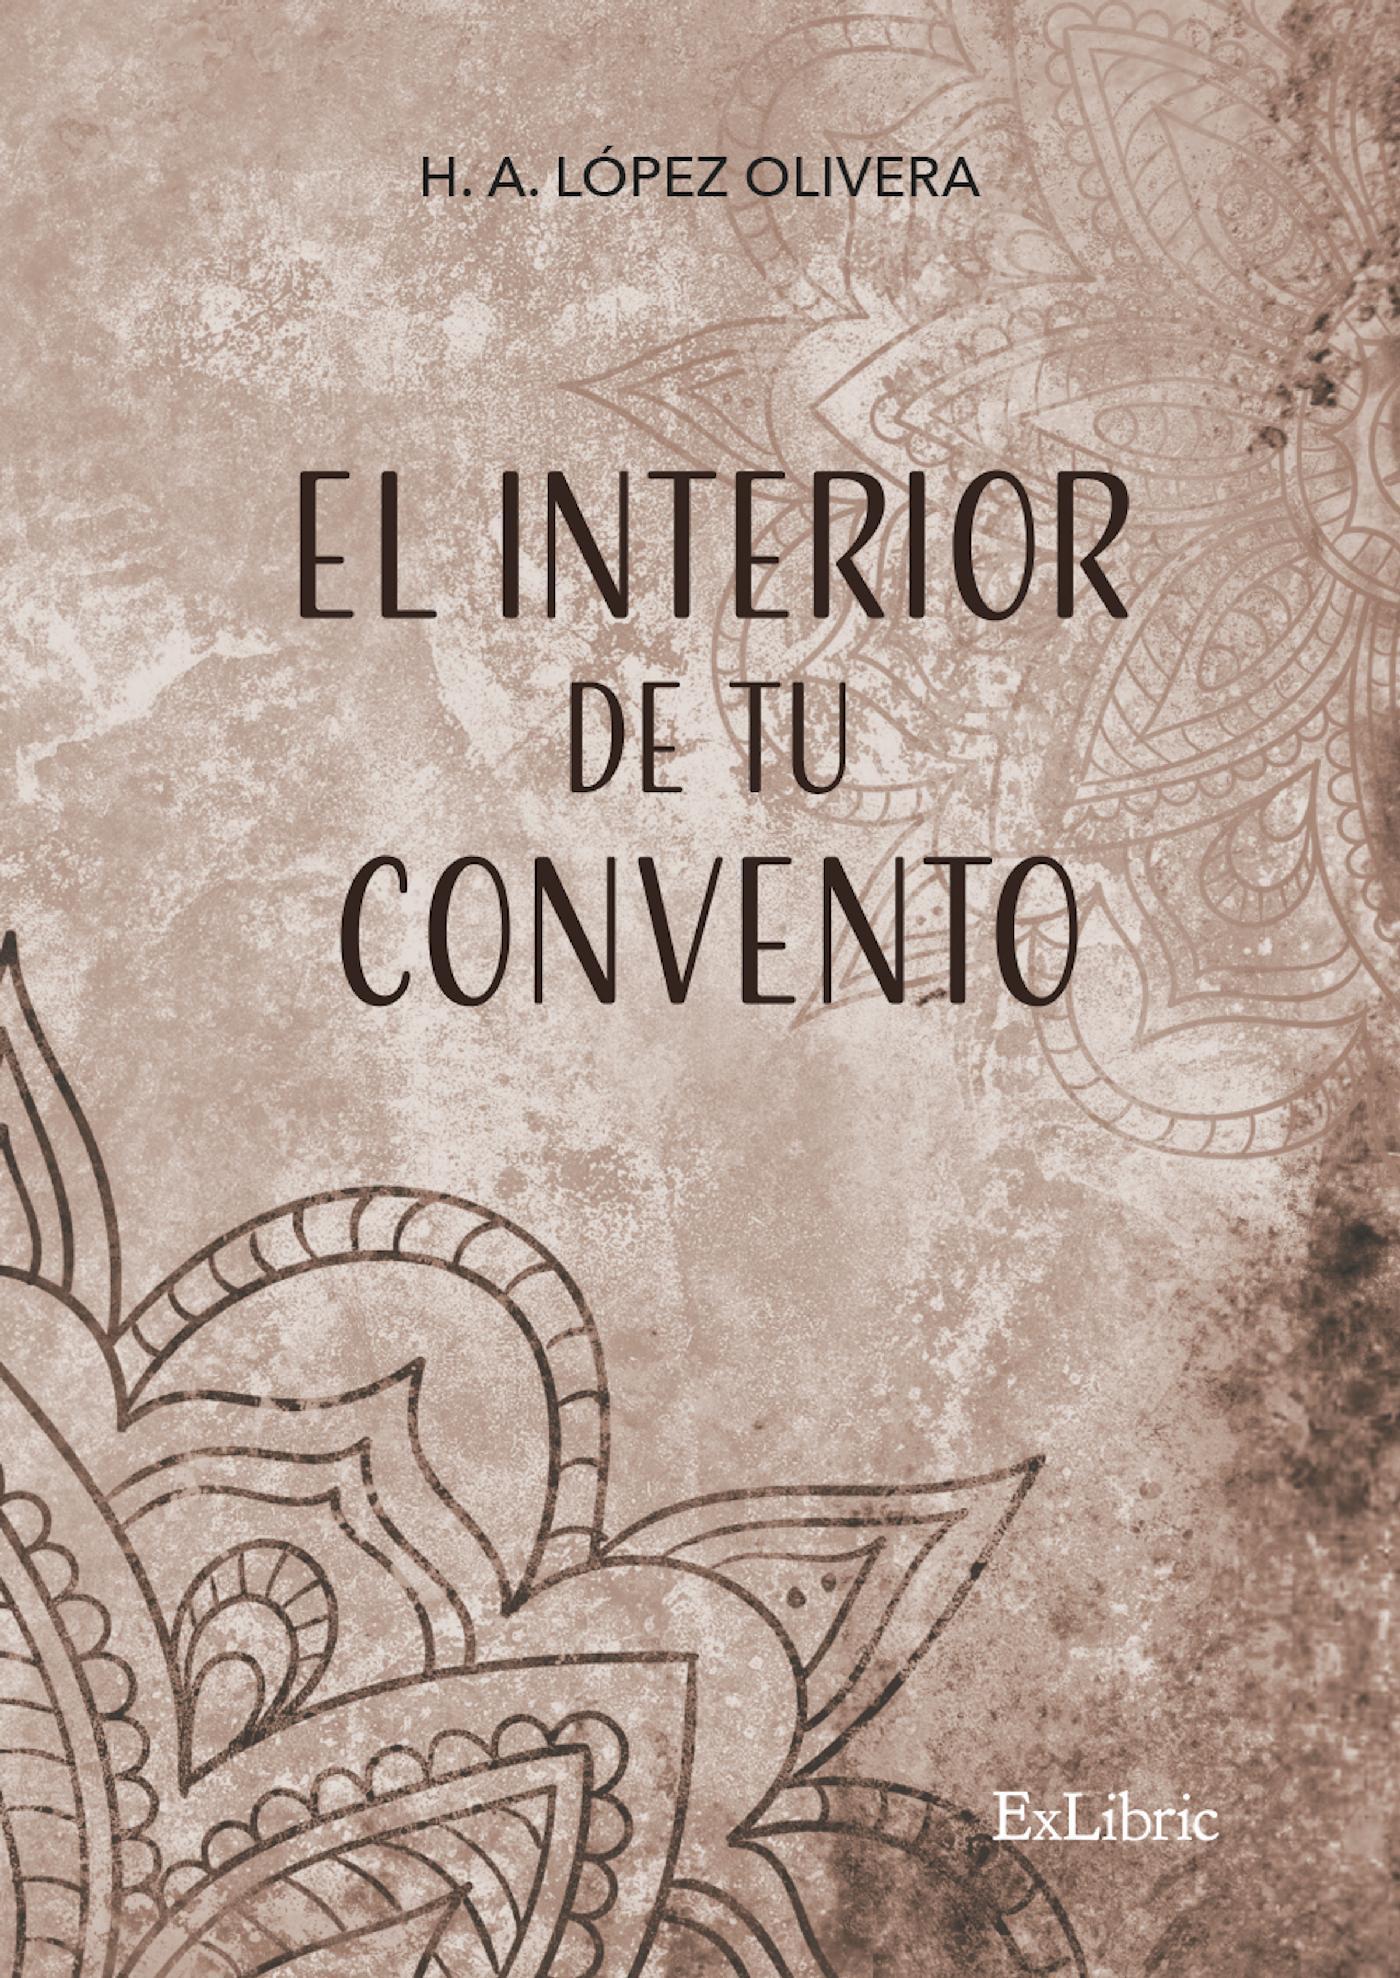 EL INTERIOR DE TU CONVENTO